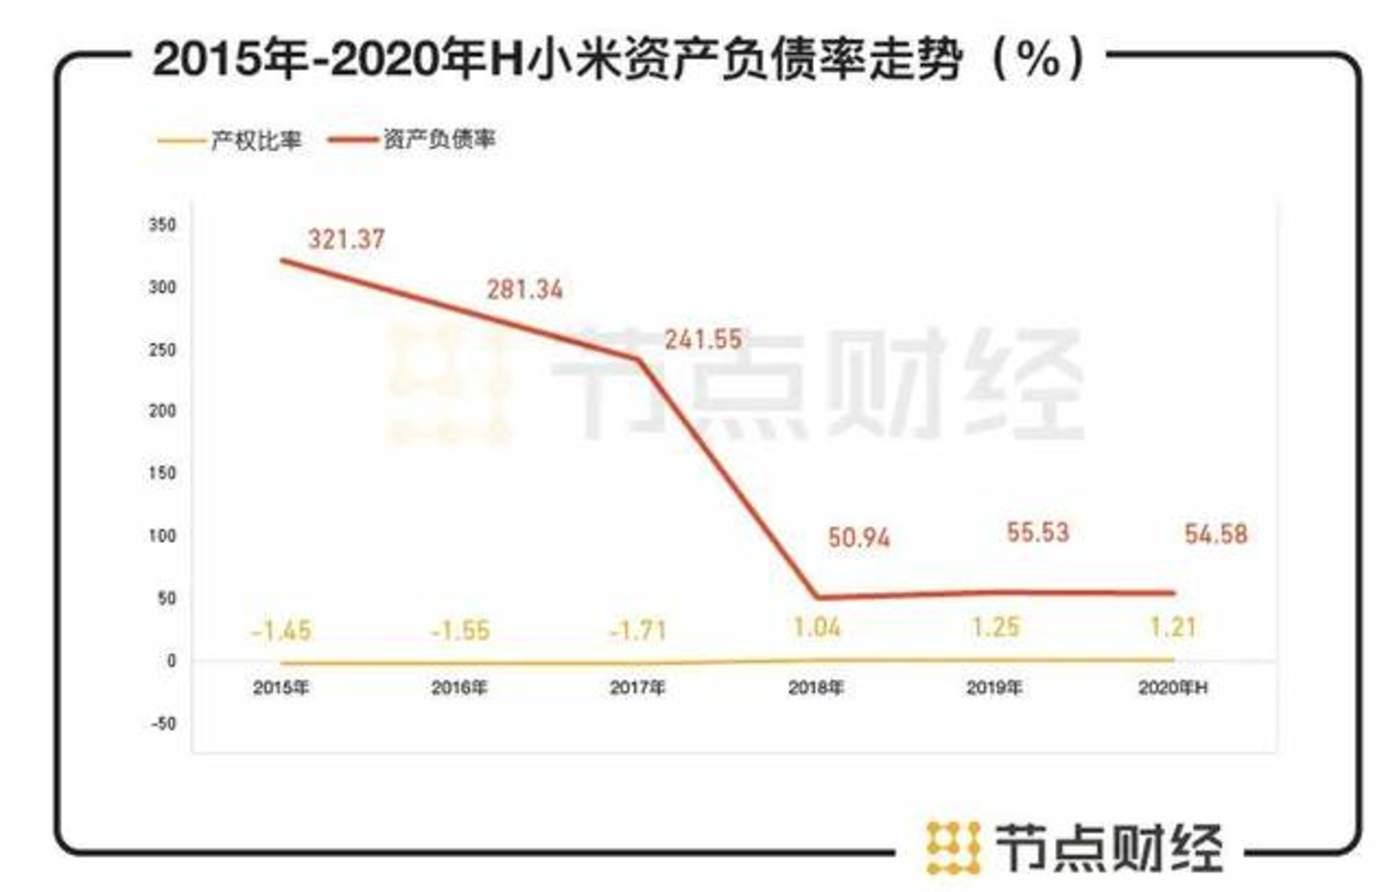 数据来源:小米集团财报